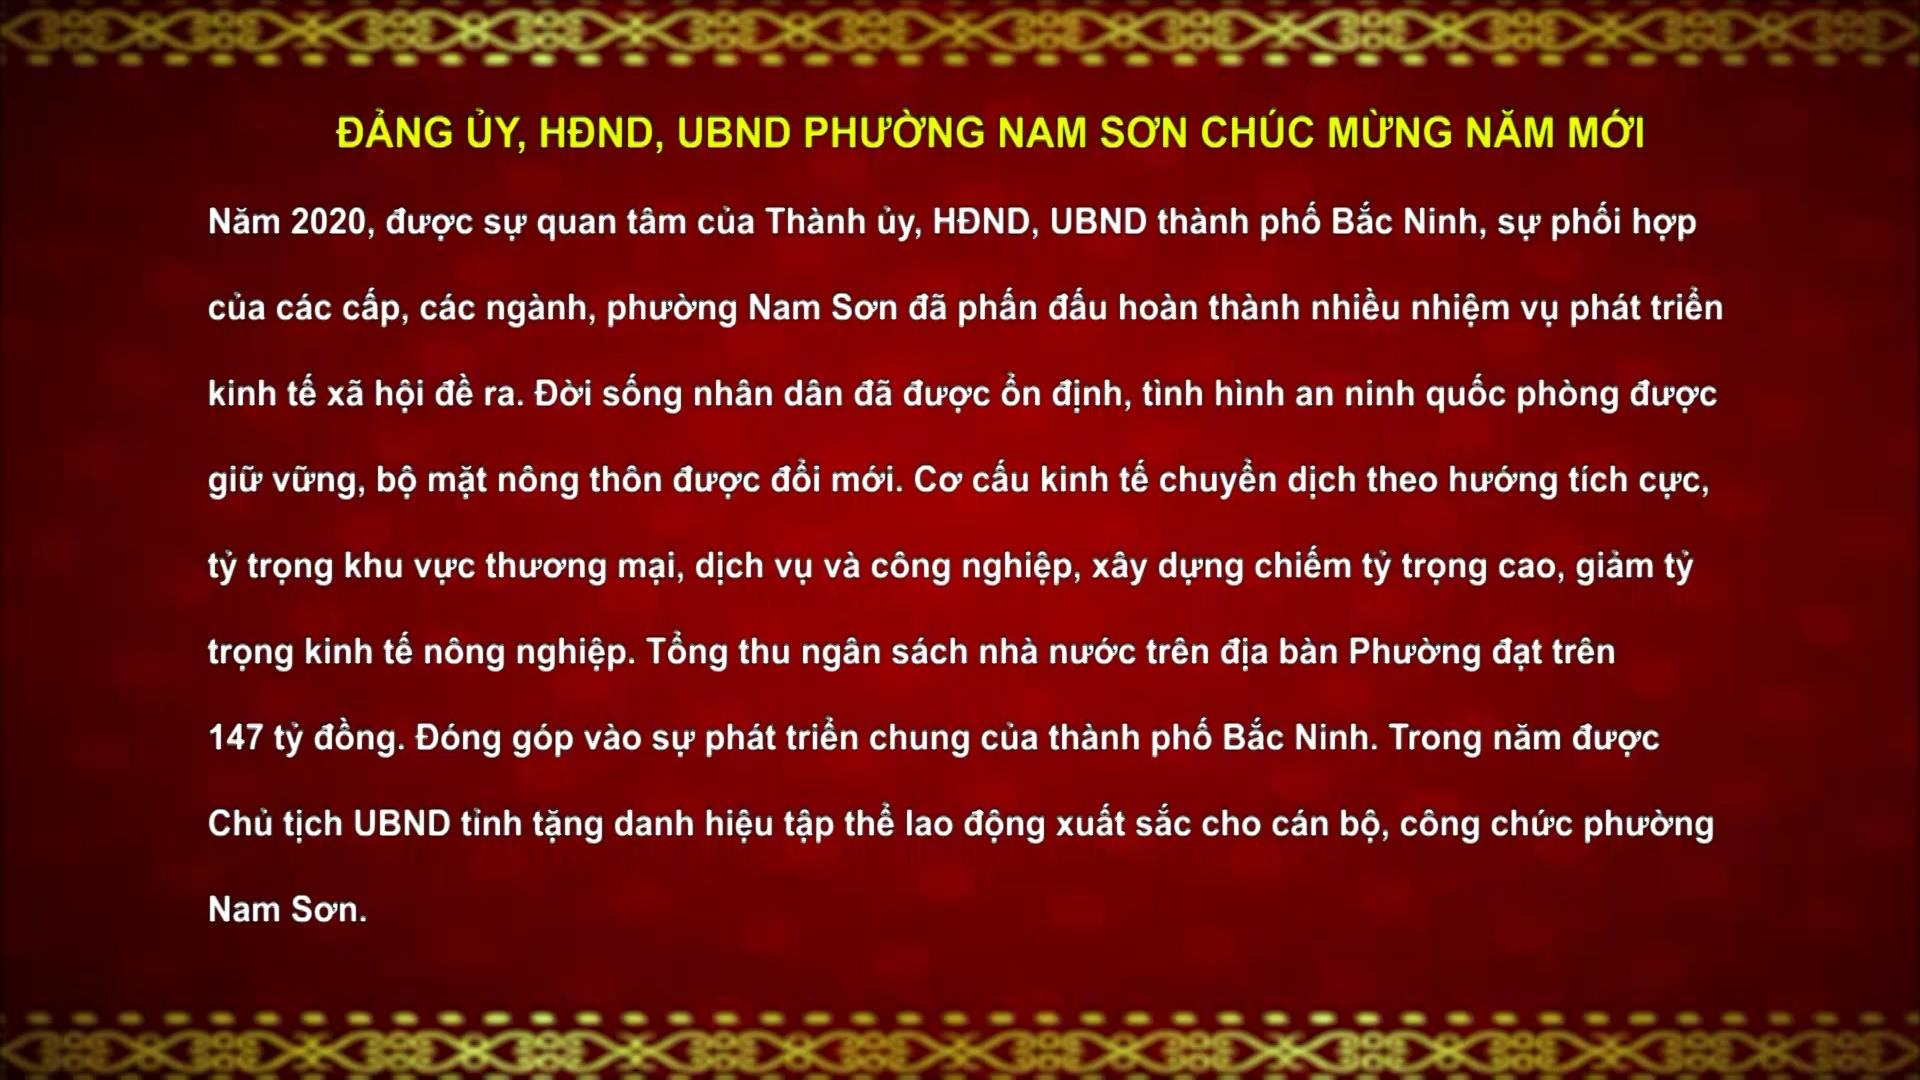 Đảng ủy, HĐND, UBND, phường Nam Sơn